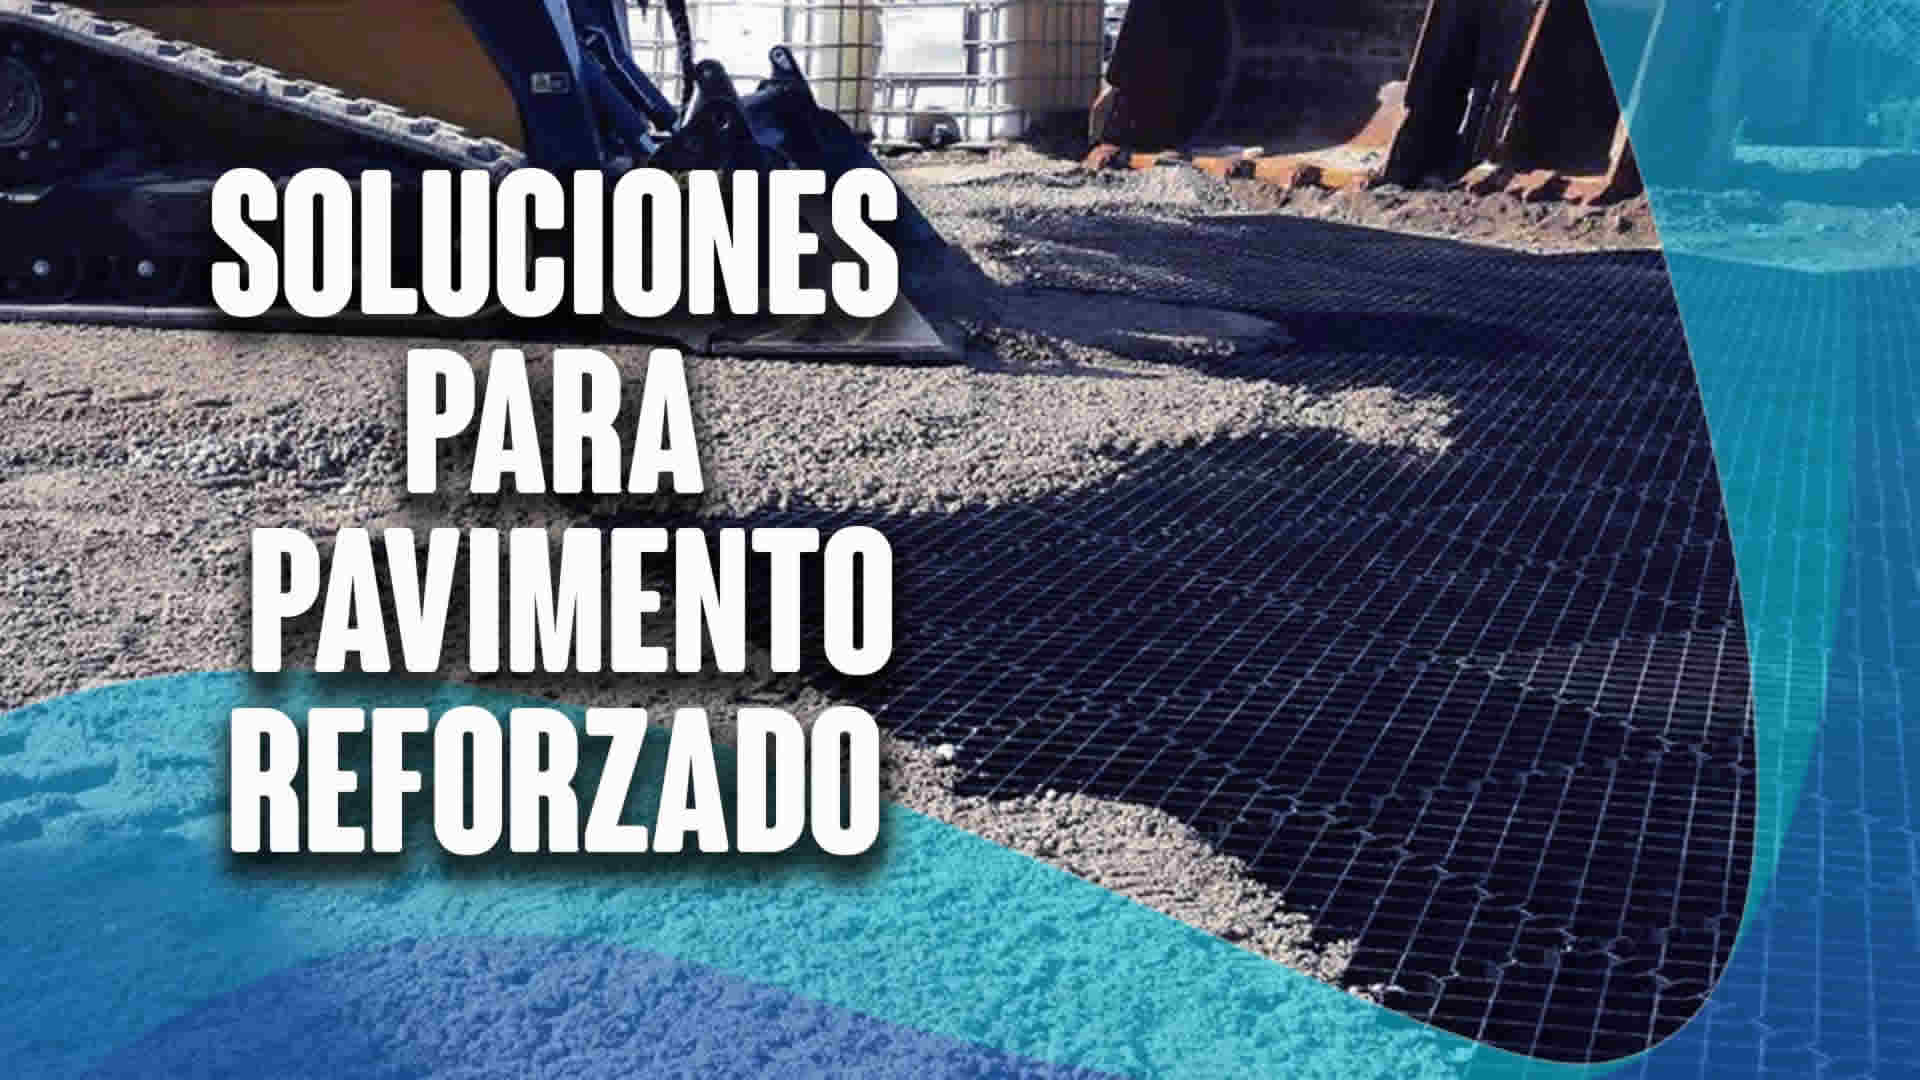 Soluciones para pavimento reforzado